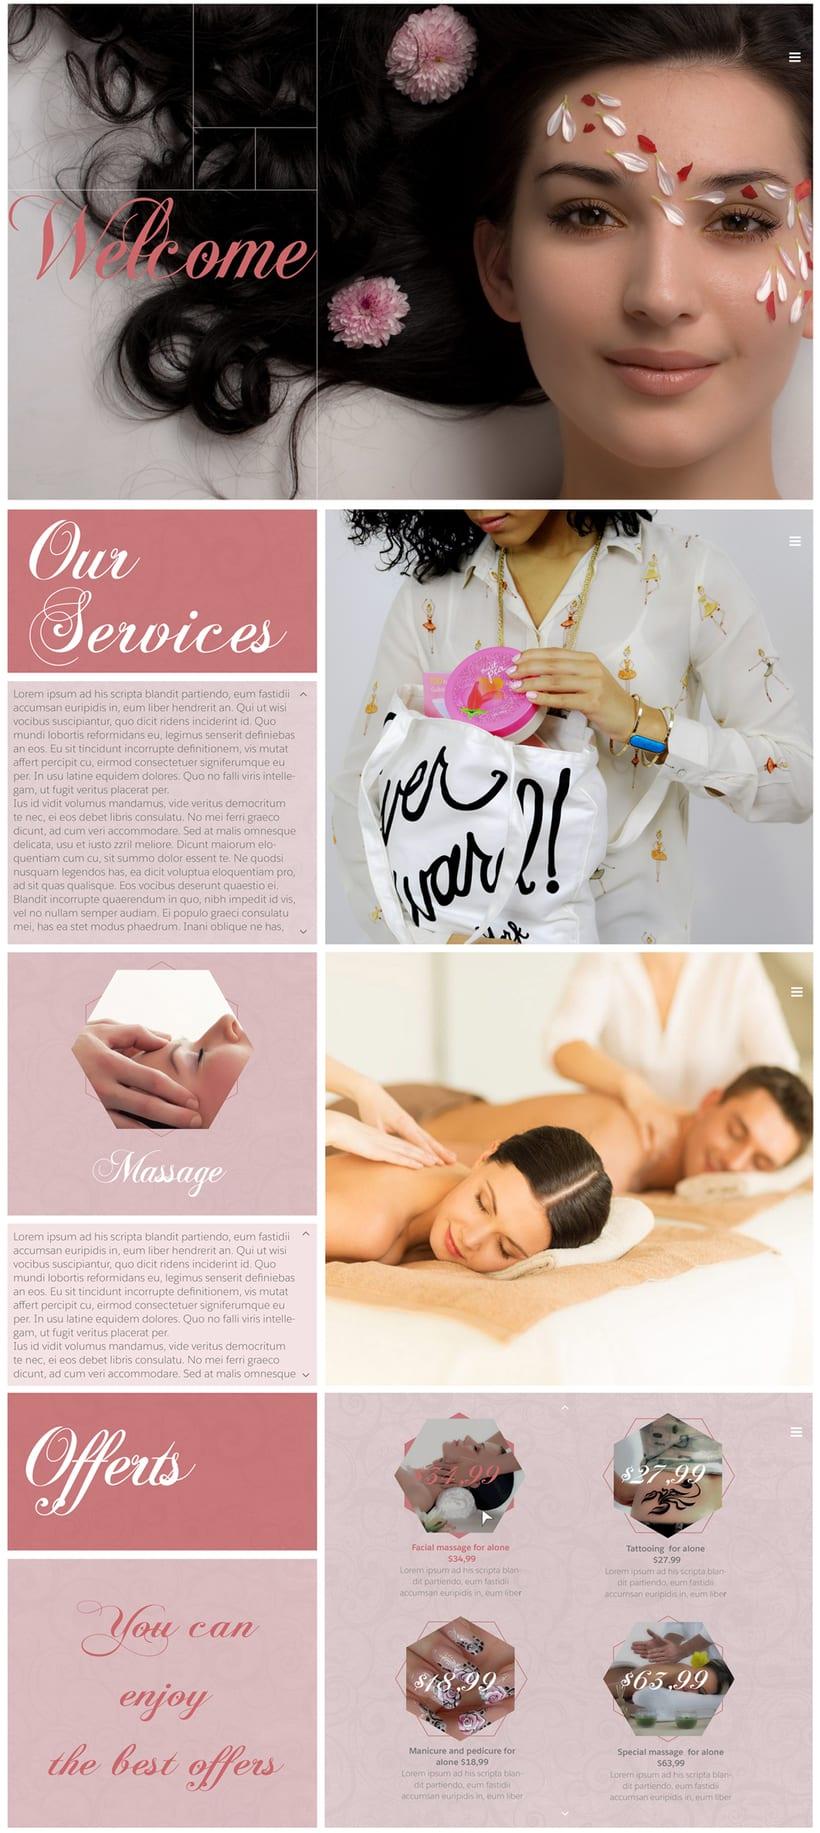 Diseño web para salon de belleza -1